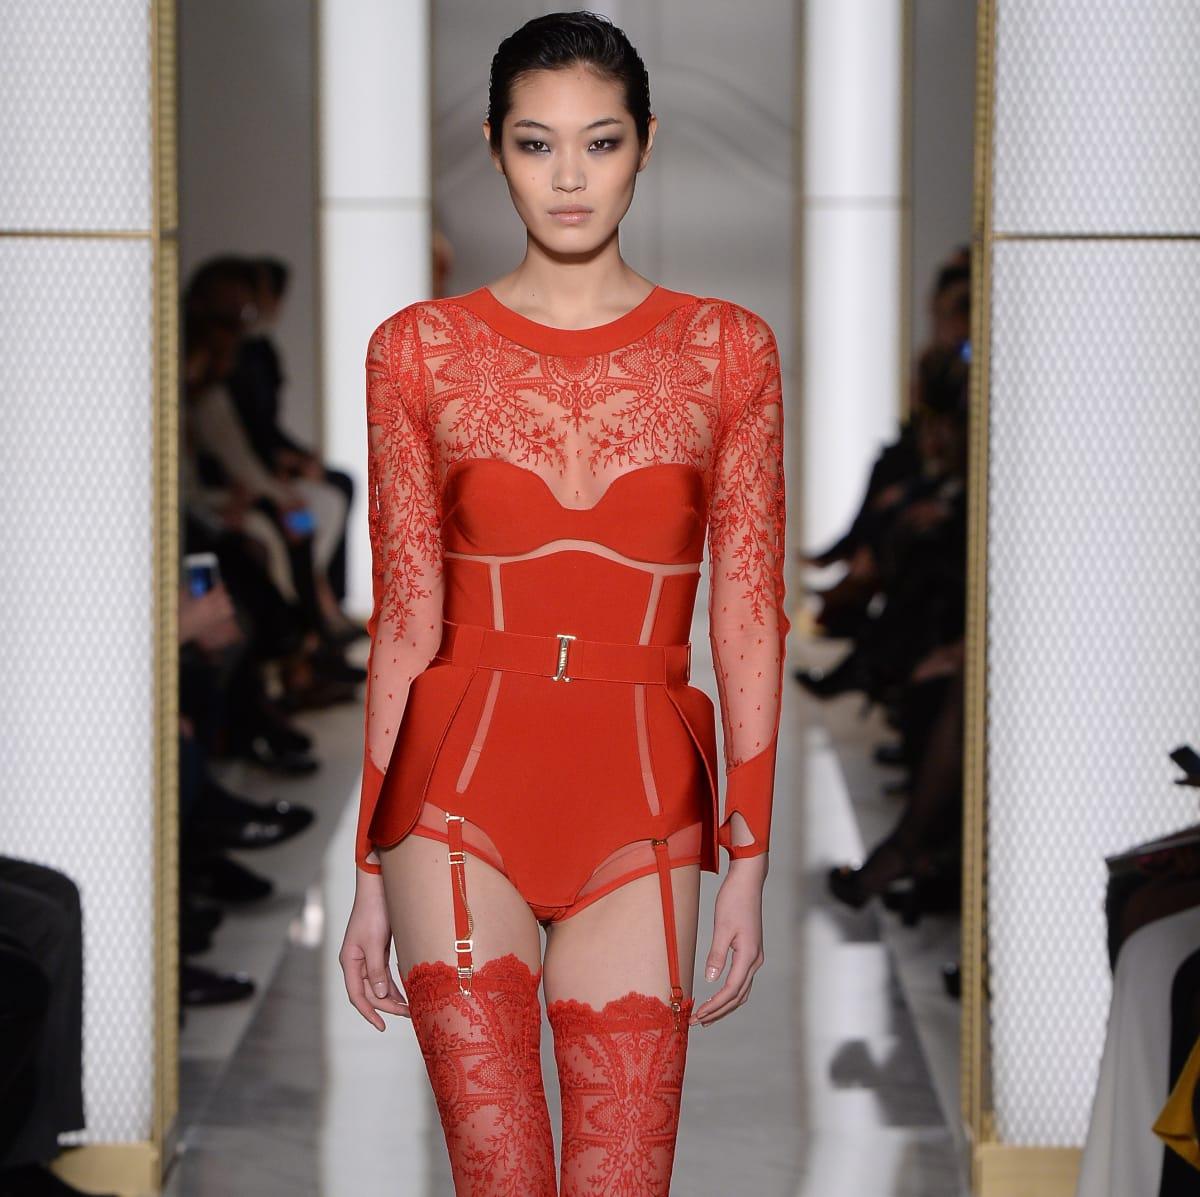 La Perla Atelier collection at Paris Couture shows